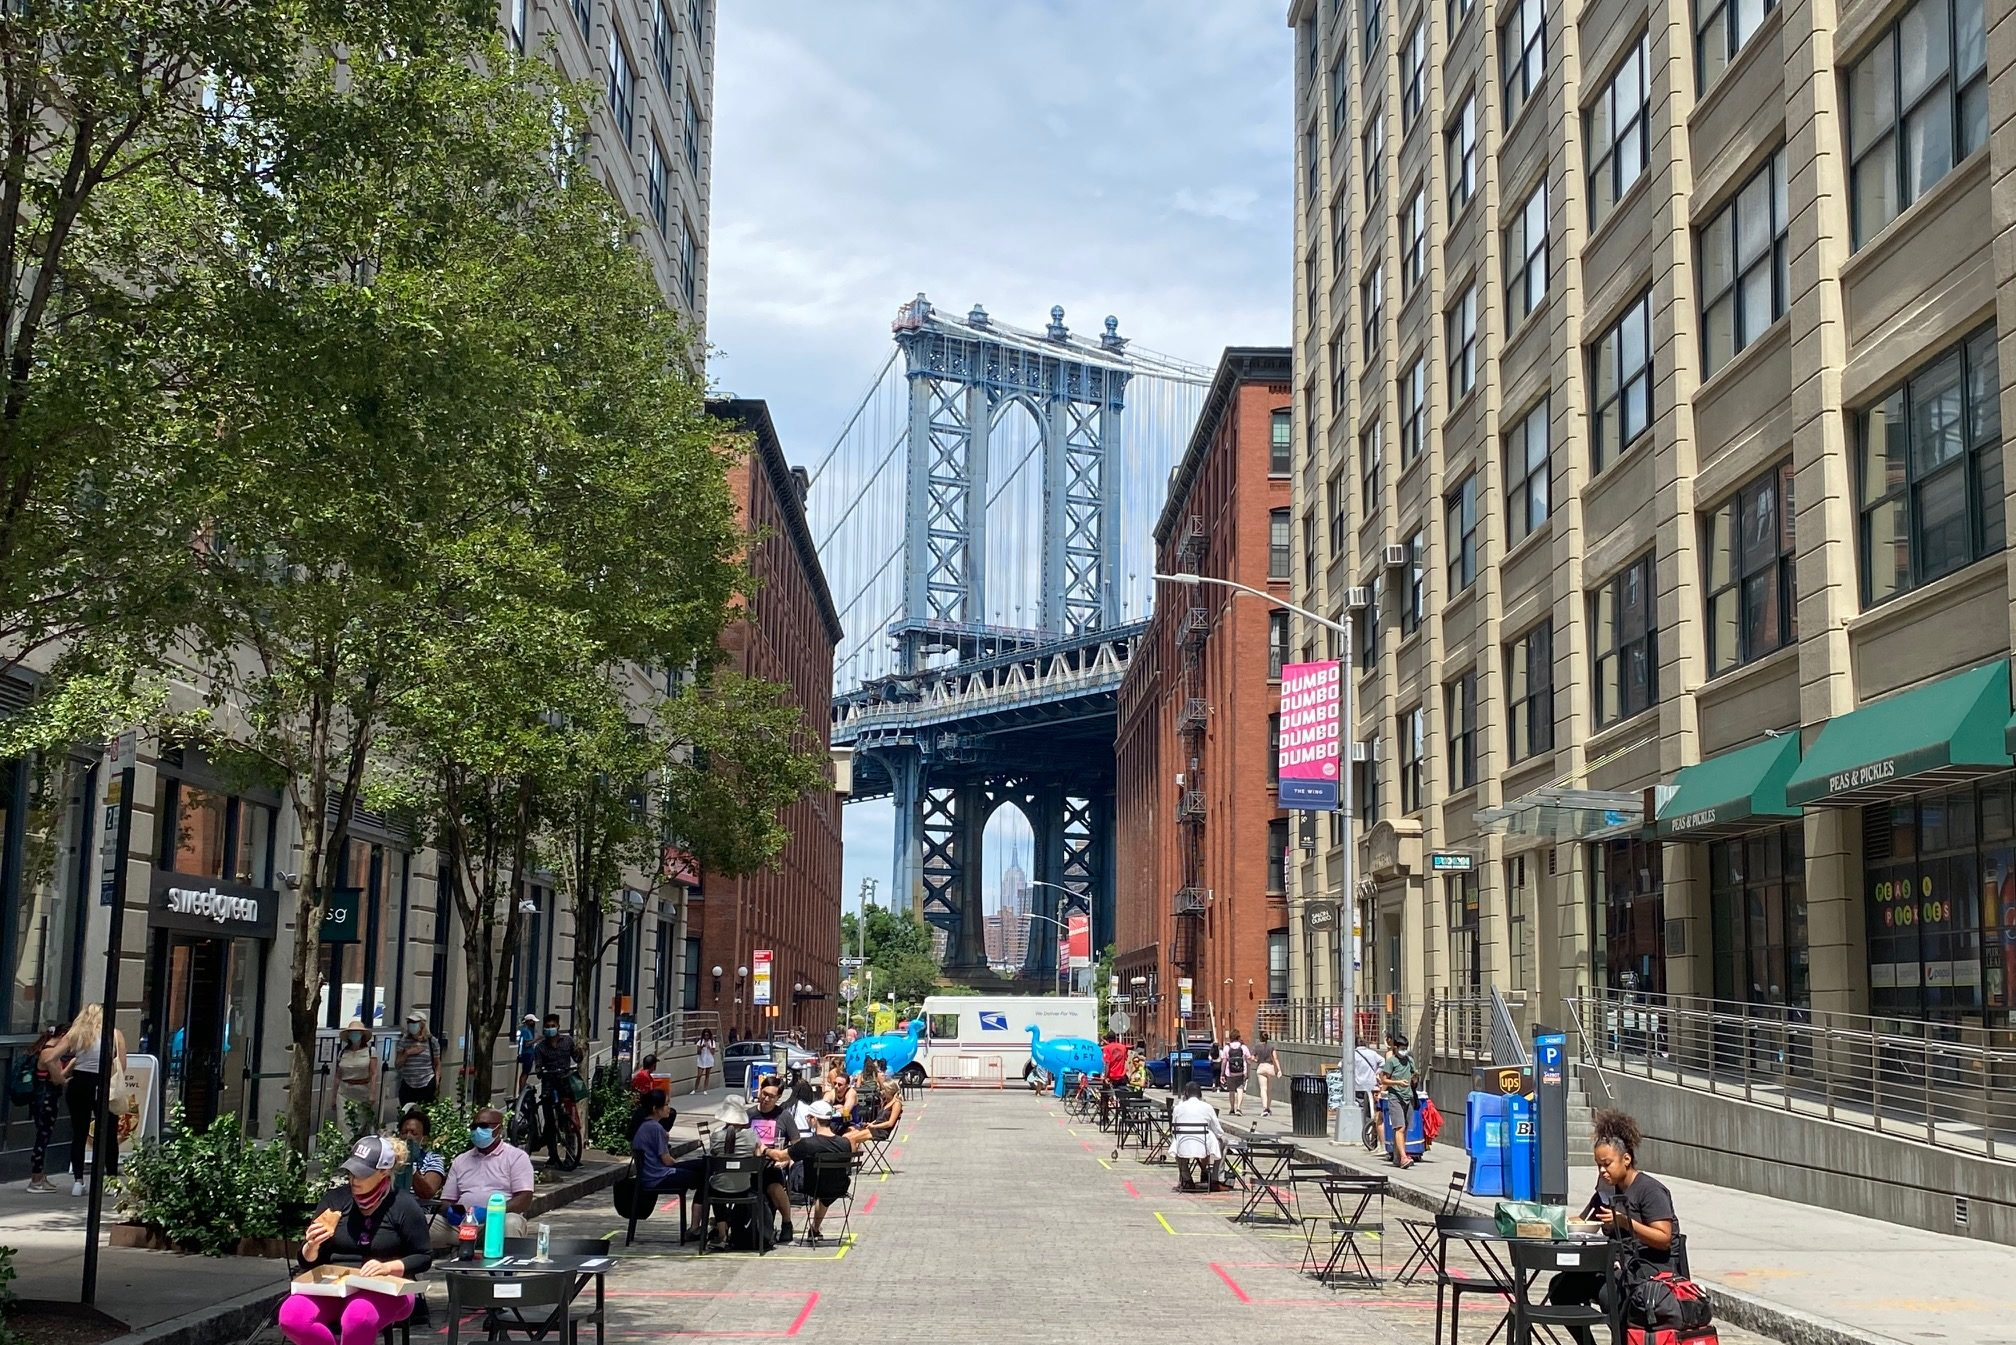 コロナ禍の夏in NY、外食とレジャーの新提案